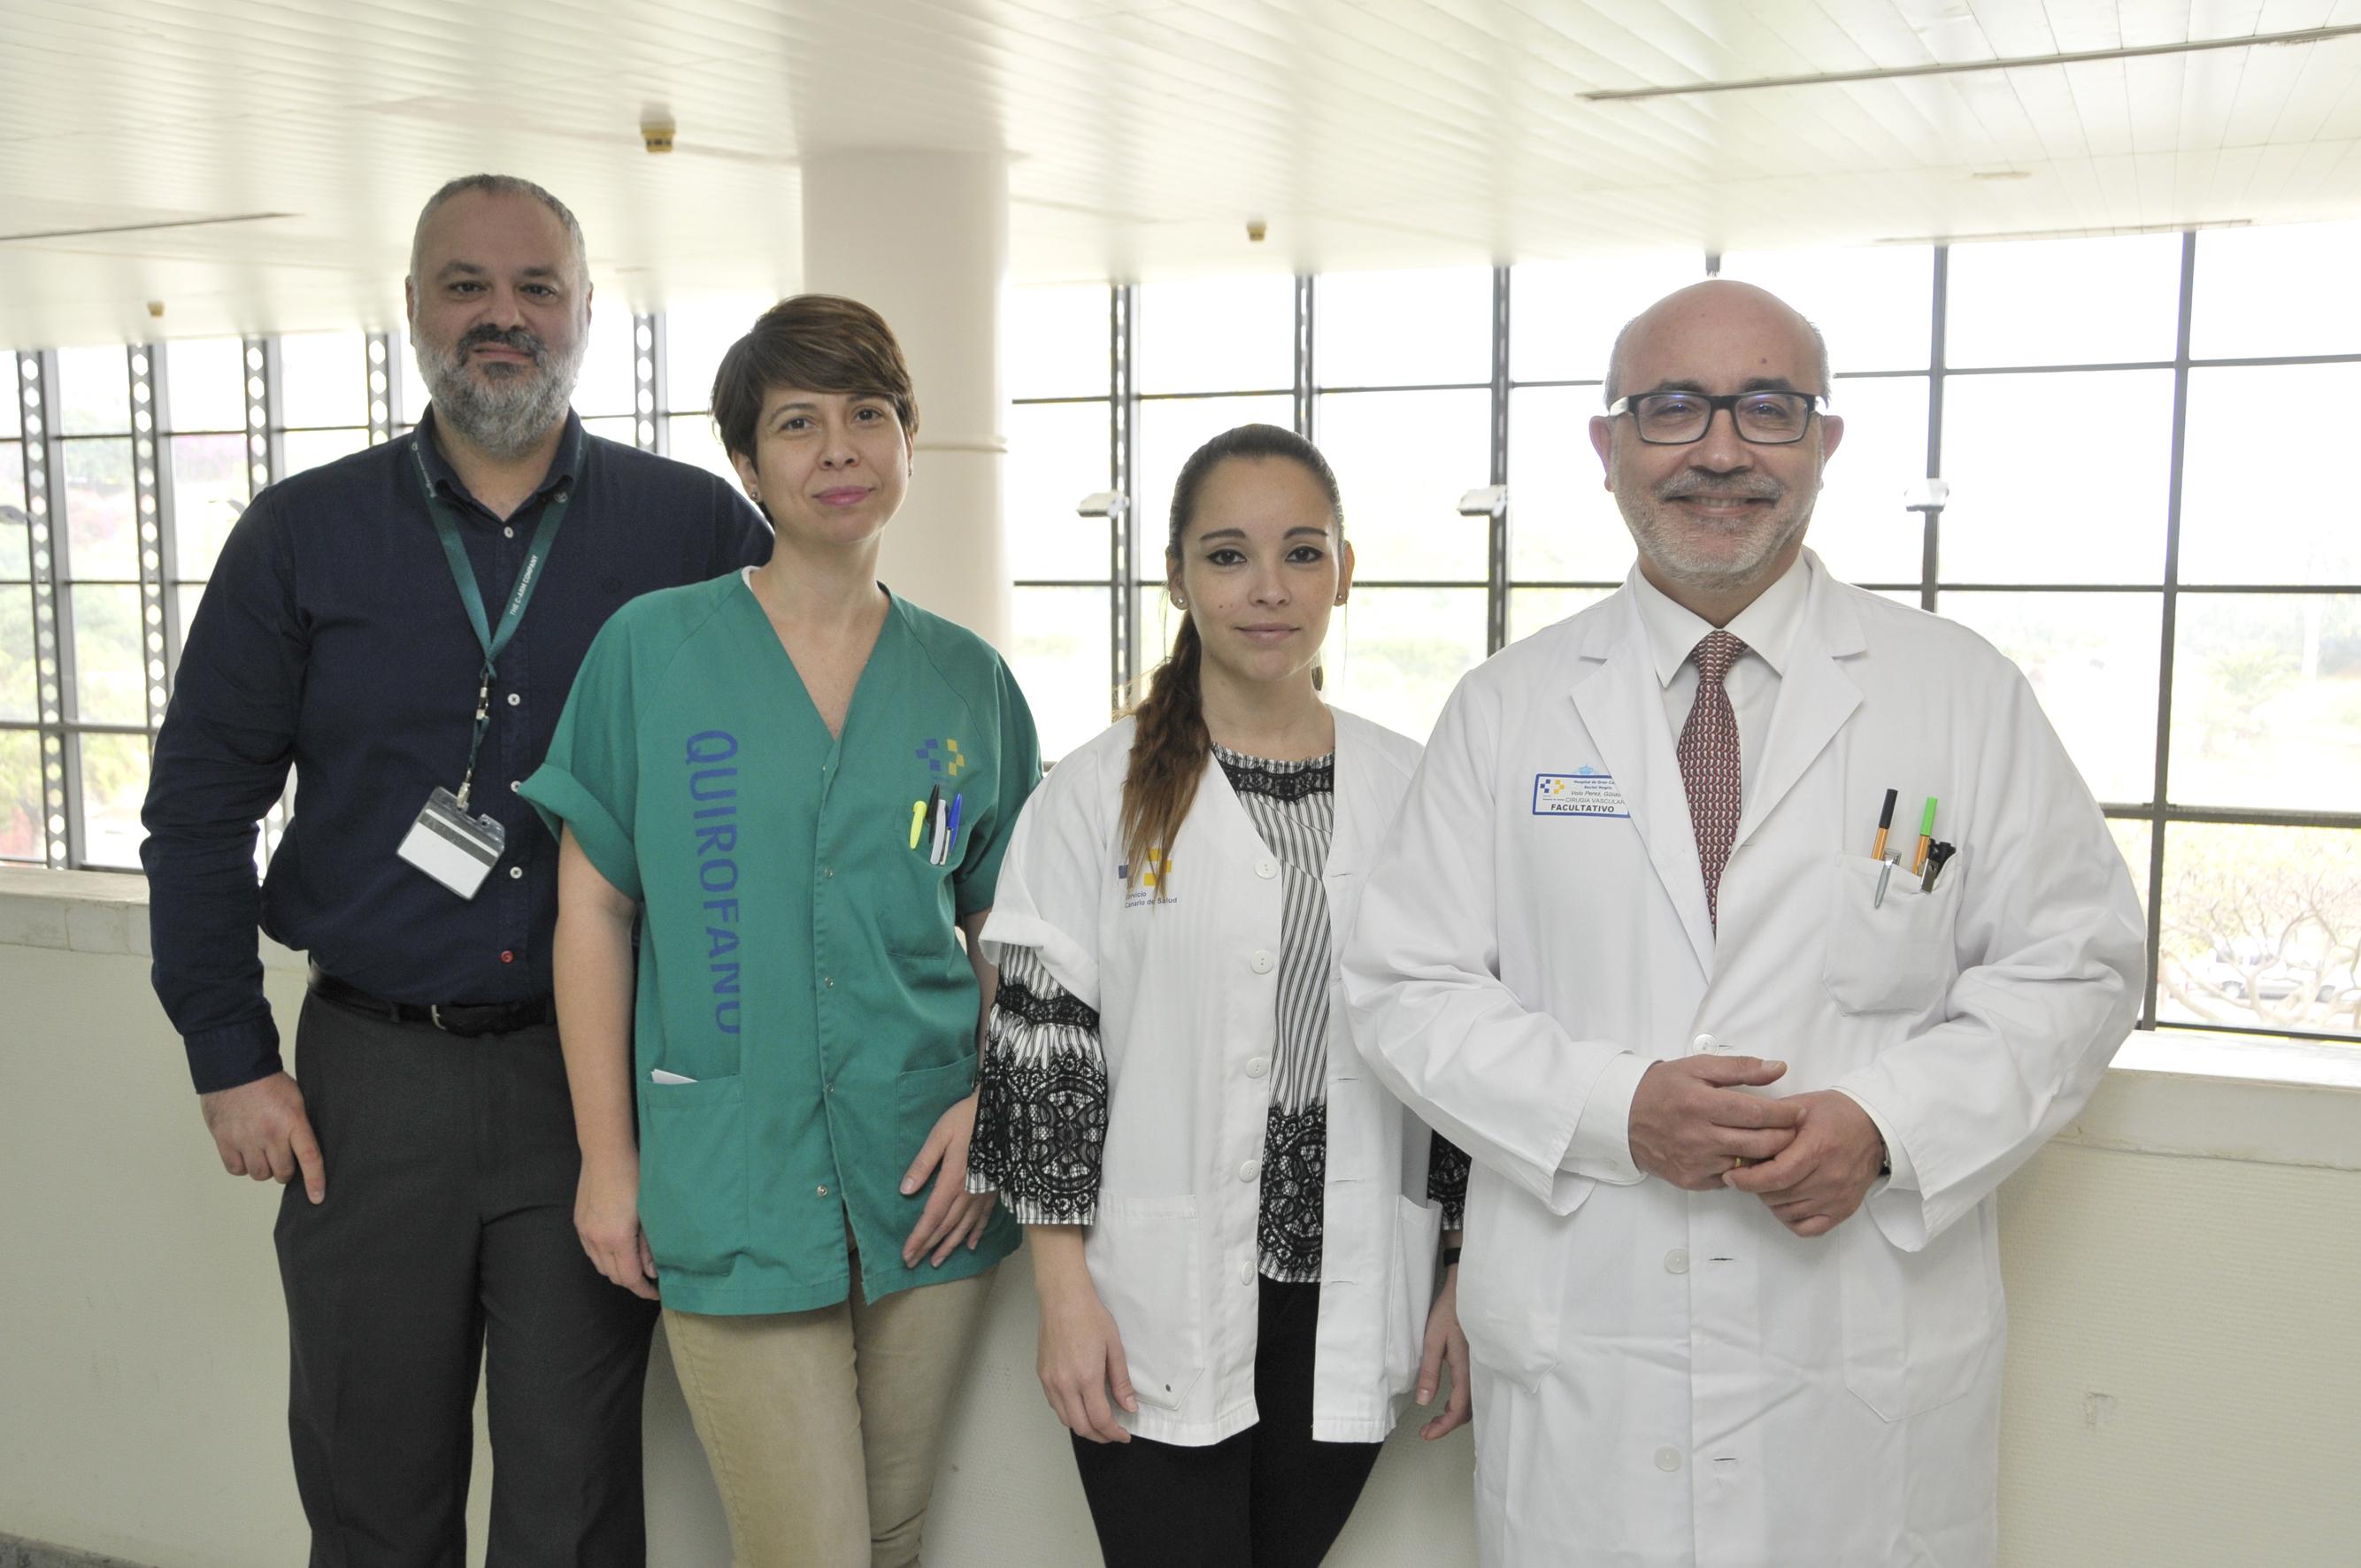 El servicio de Cirugía Vascular del Hospital Dr. Negrín presentará en el 65 Congreso Nacional los resultados de las técnicas endovasculares realizadas en el centro hospitalario